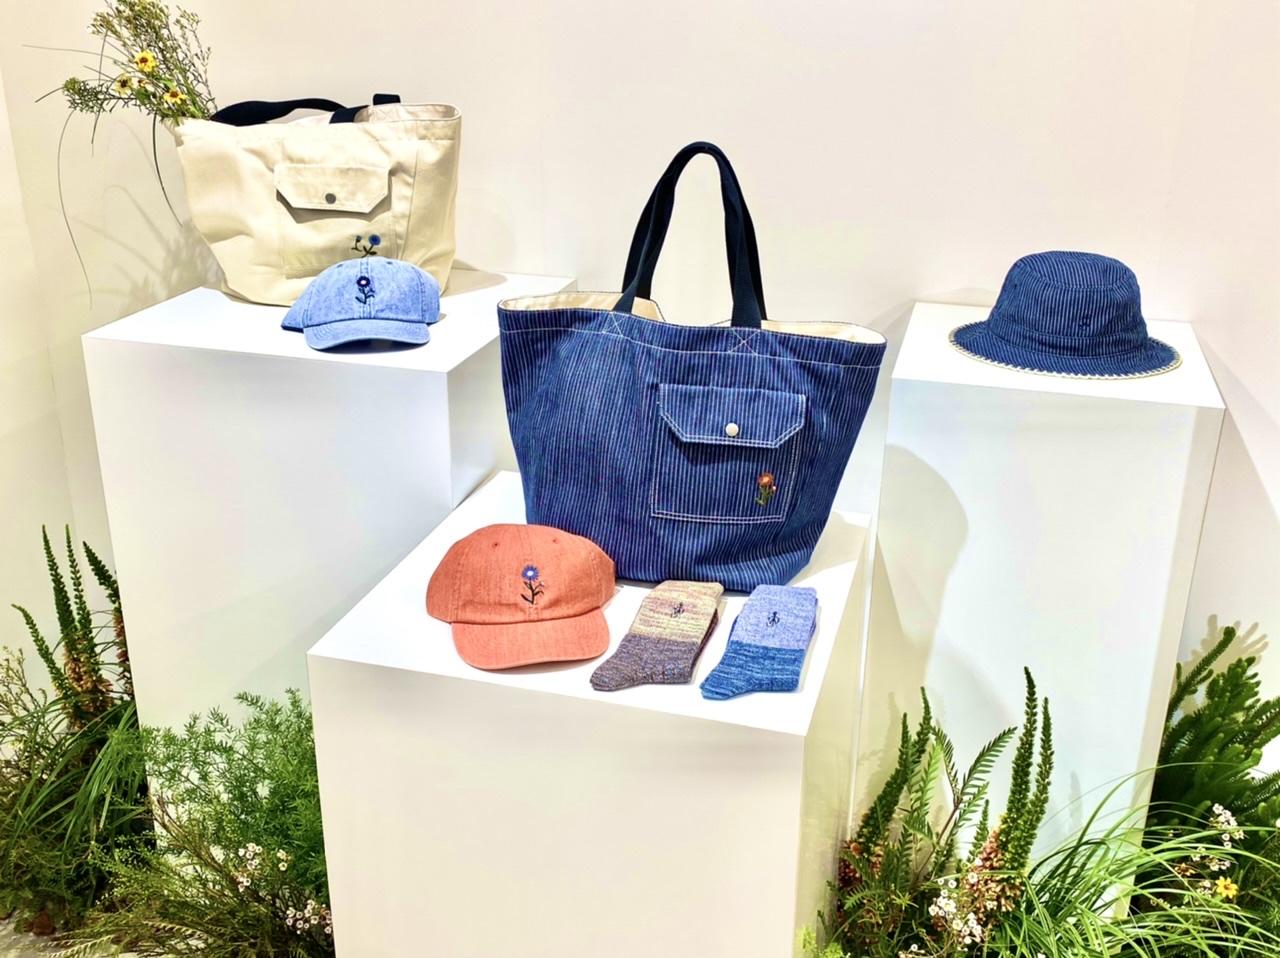 ユニクロ×JWアンダーソンのバッグ、帽子、靴下